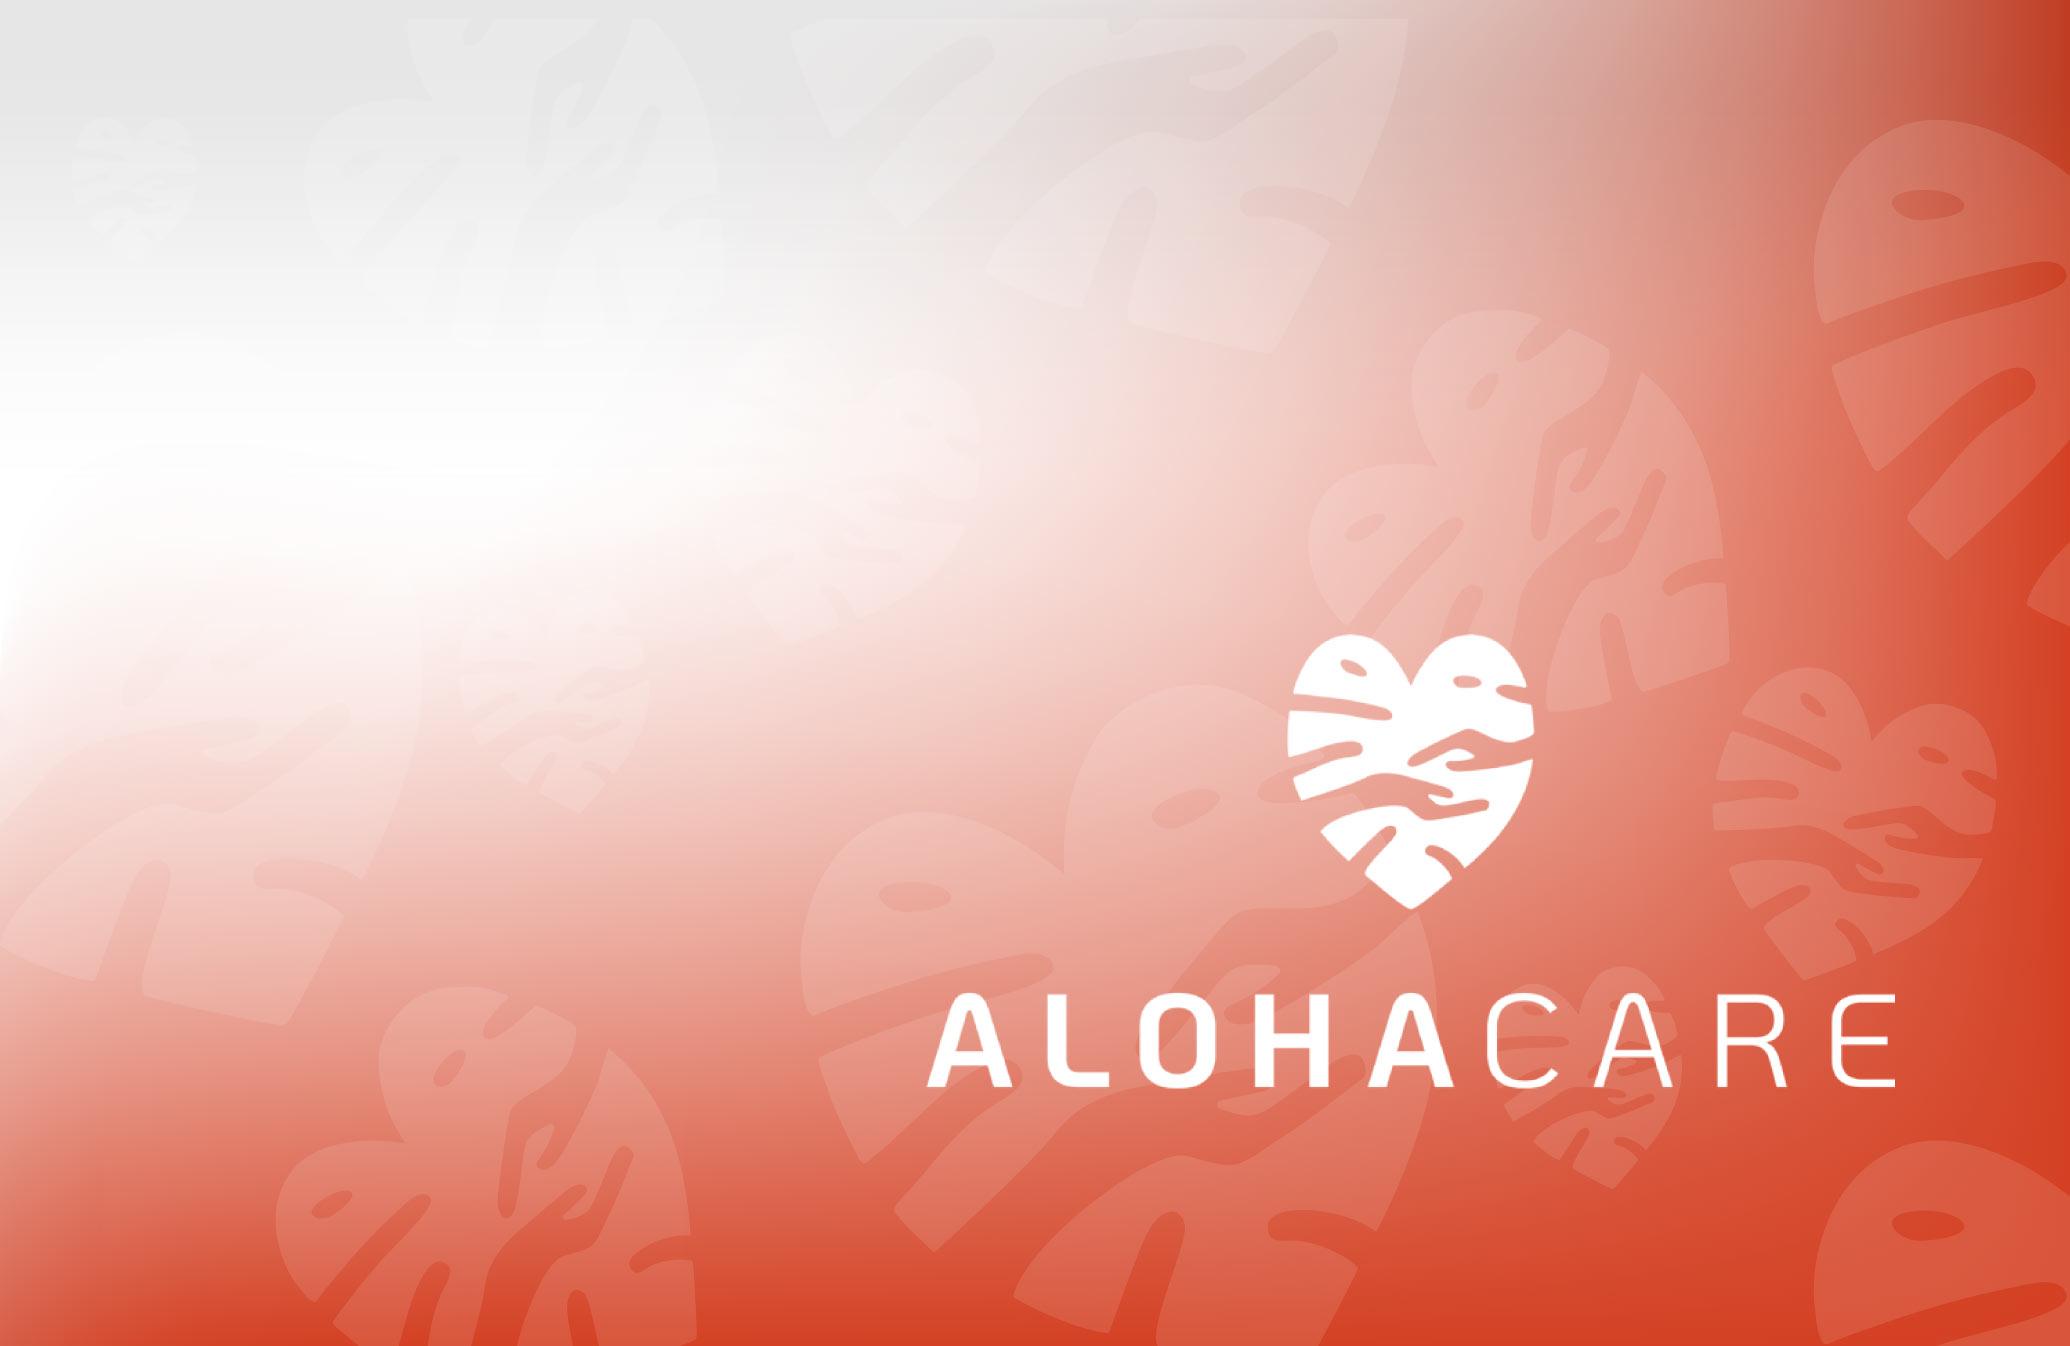 AlohaCare